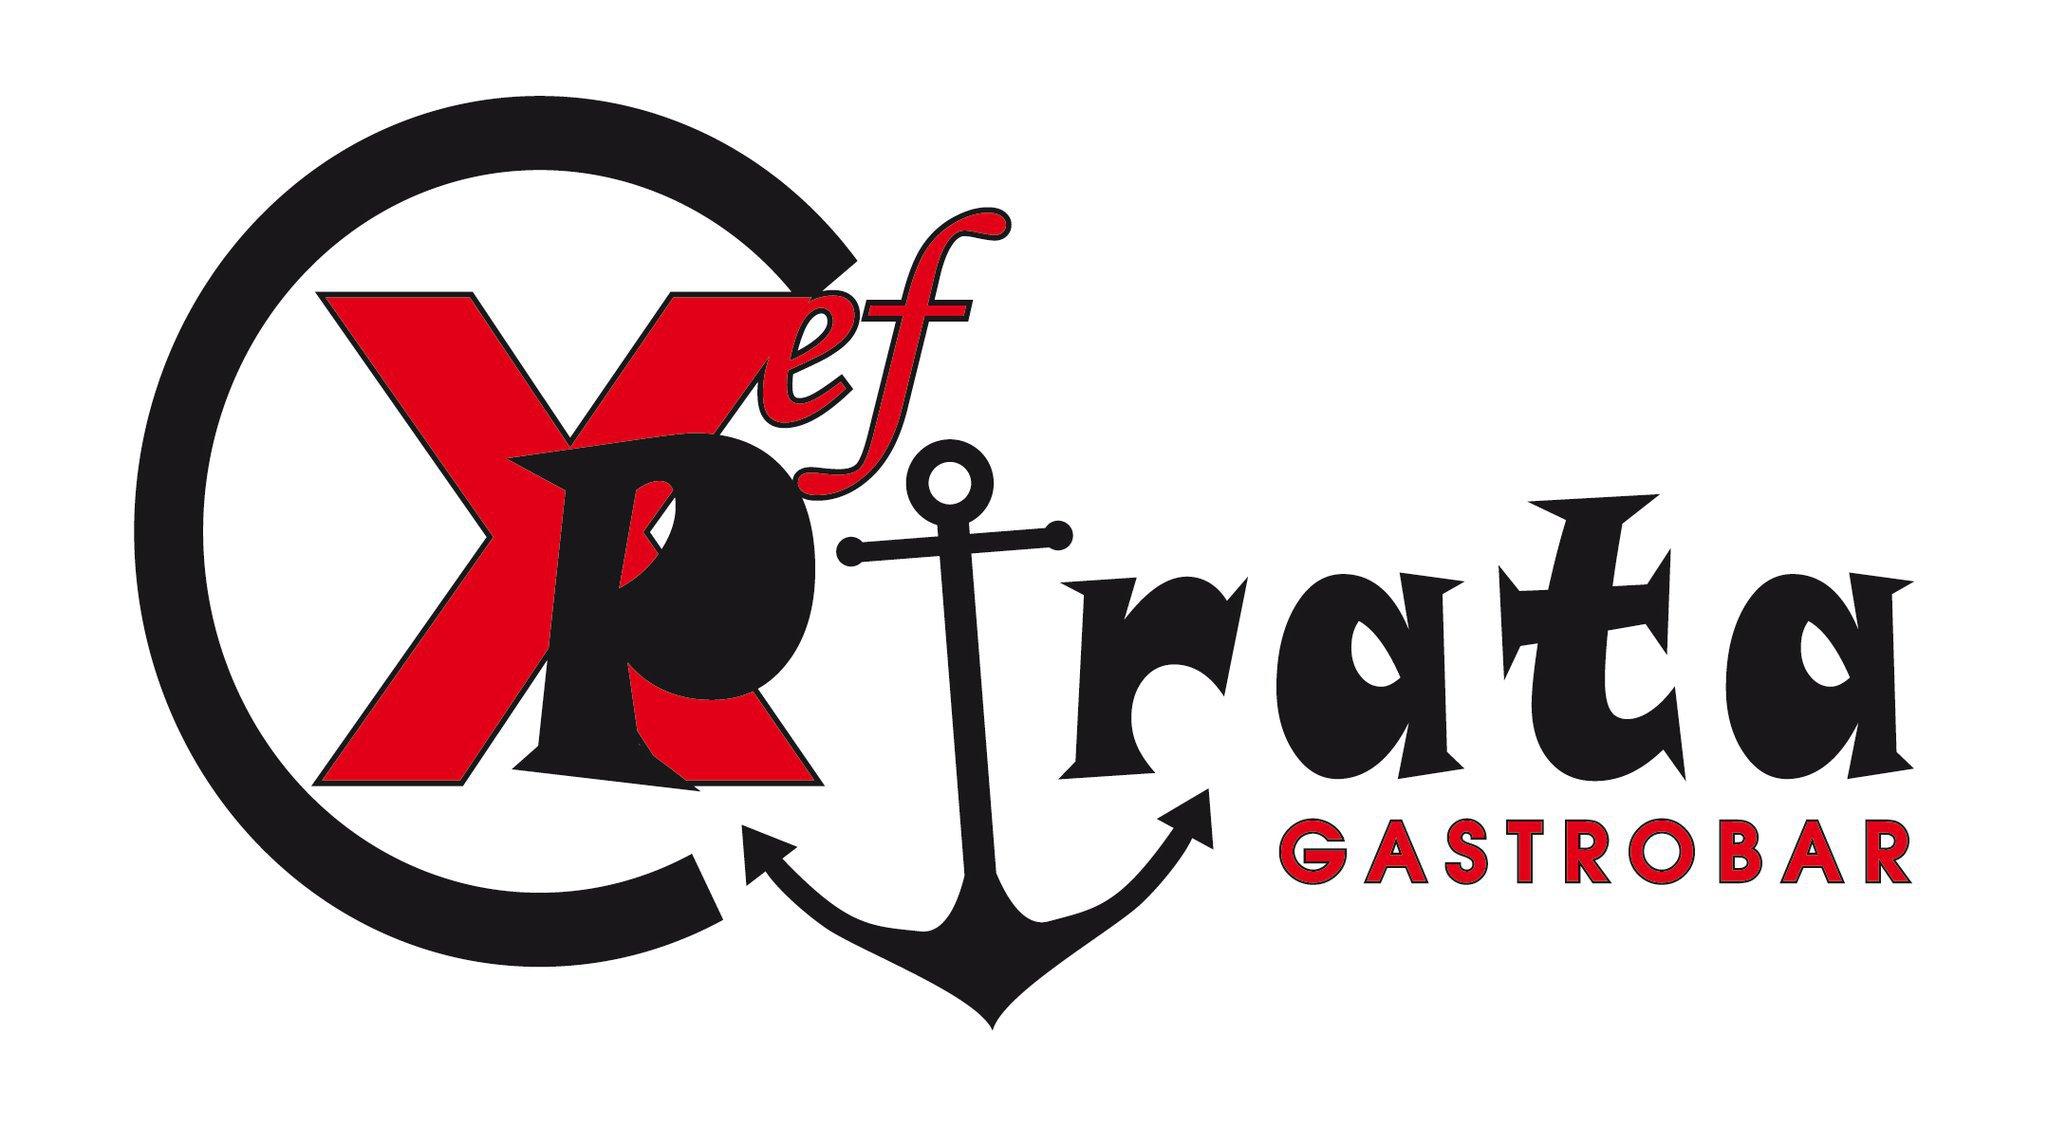 Xef Pirata Gastrobar